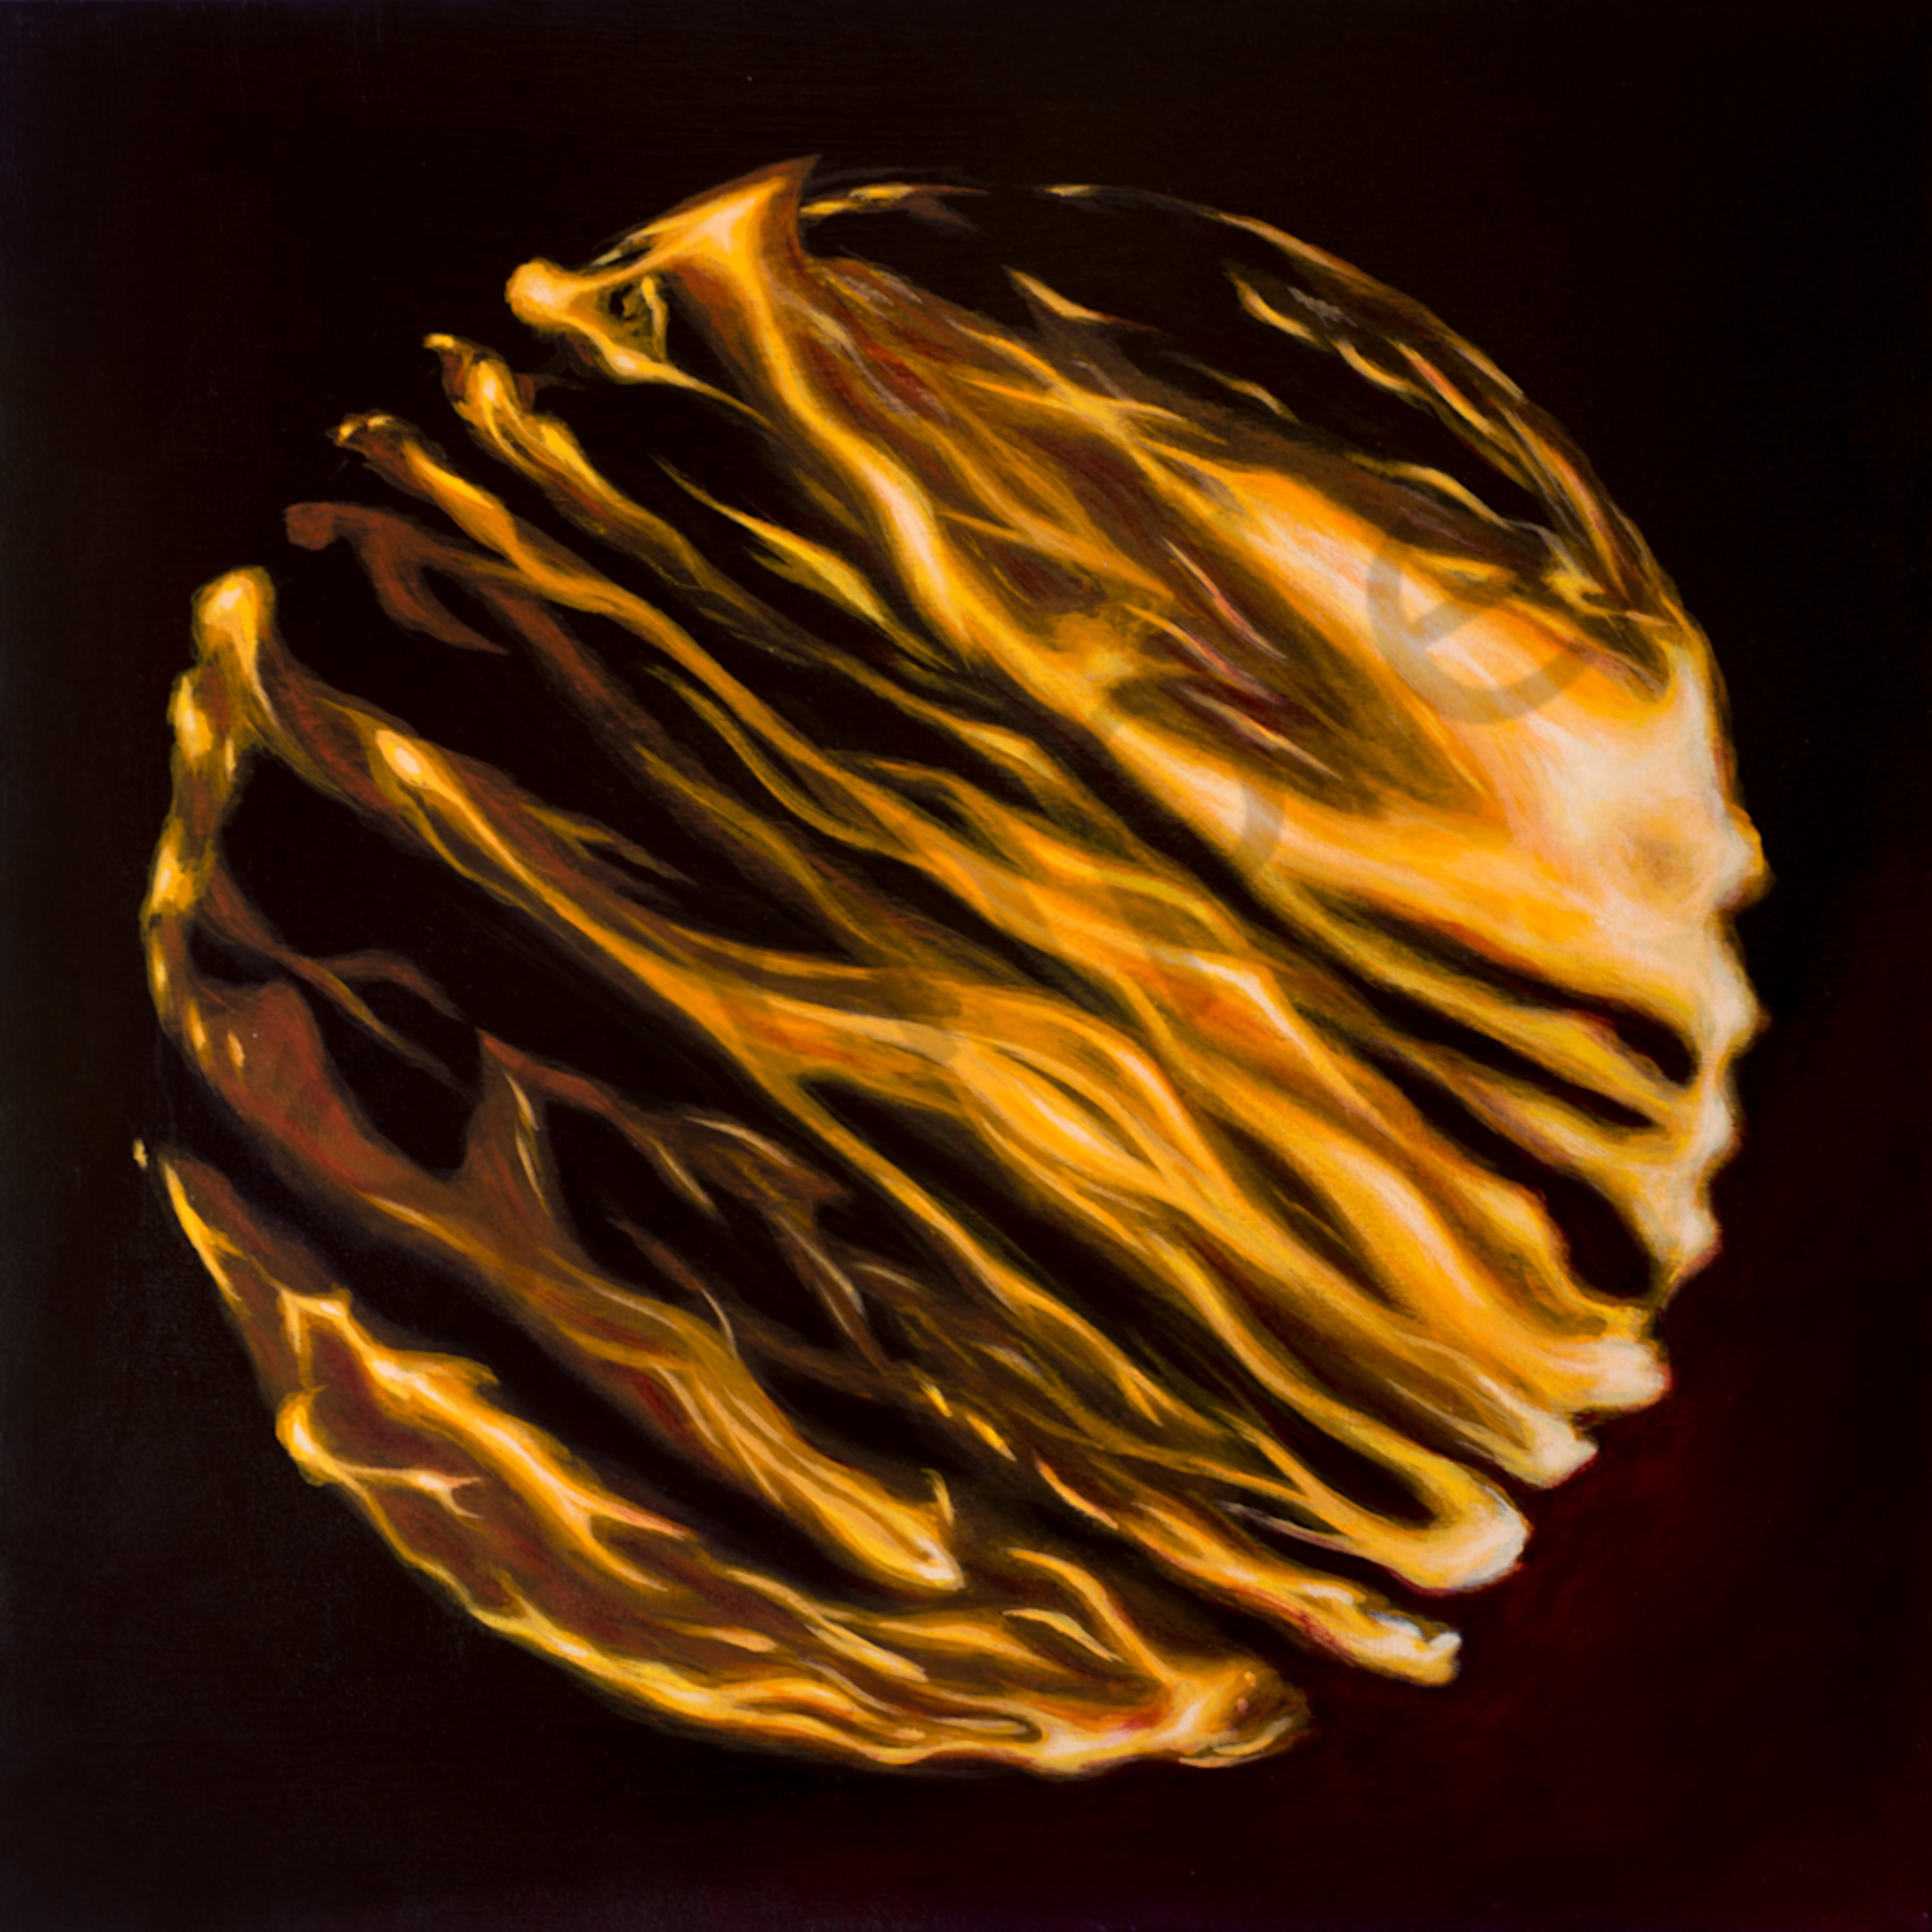 Fire globe black yf0buv